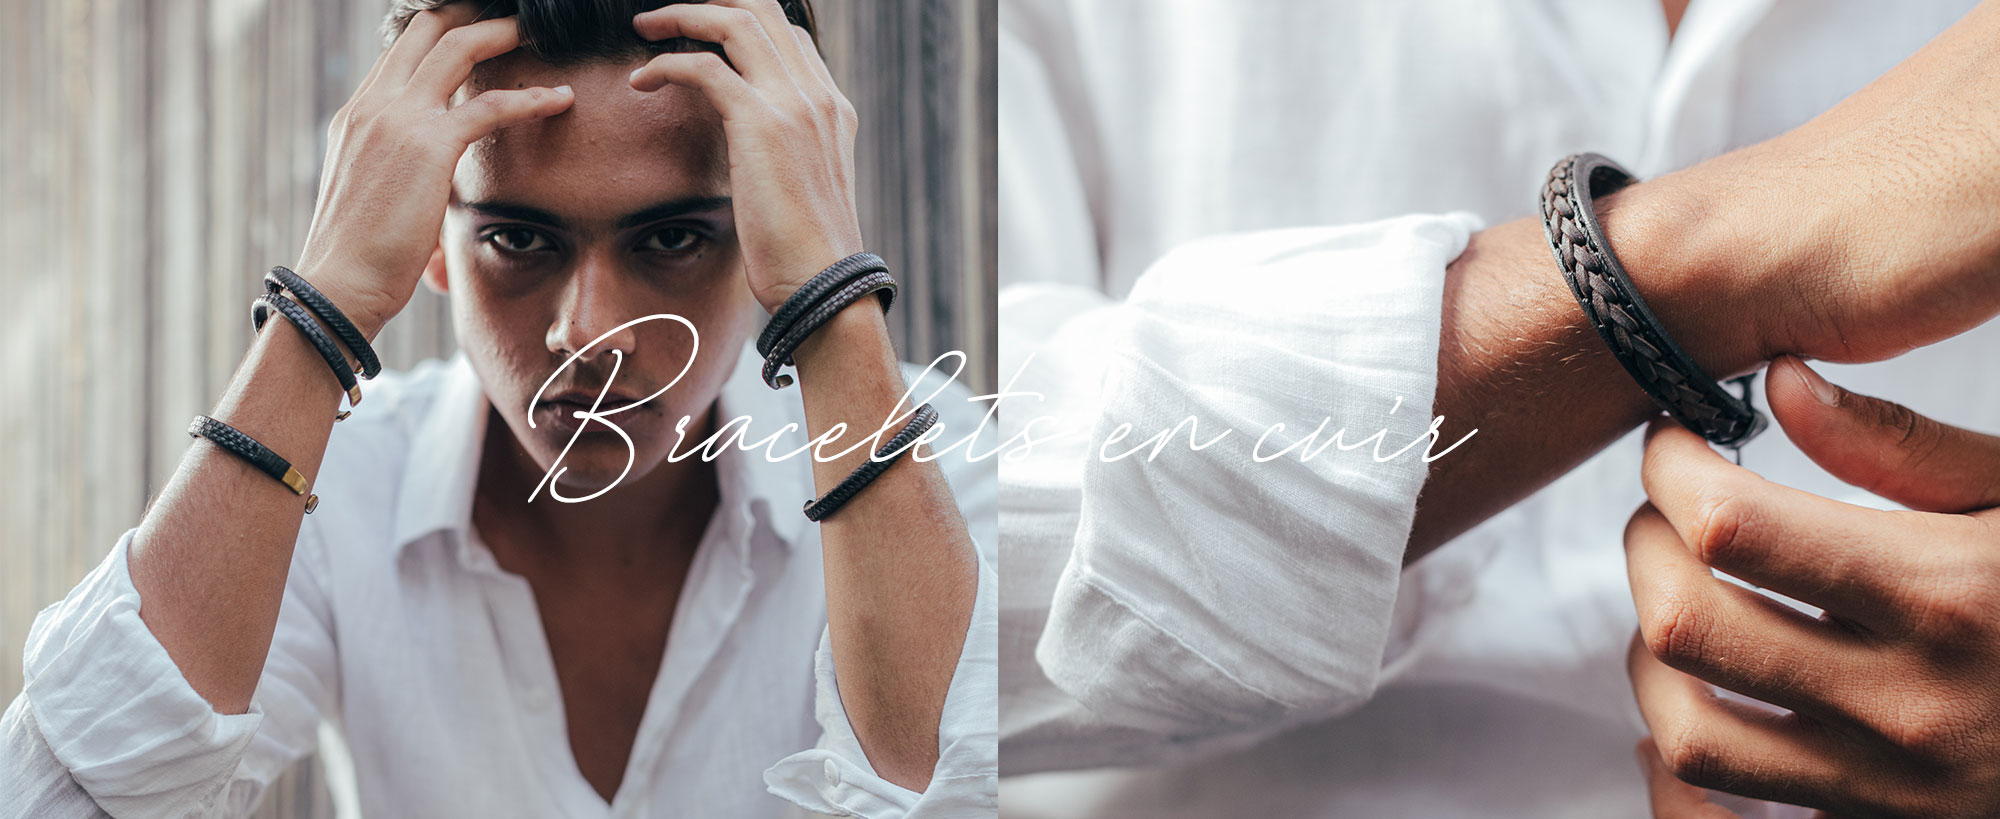 bracelets-cuir-homme-slid